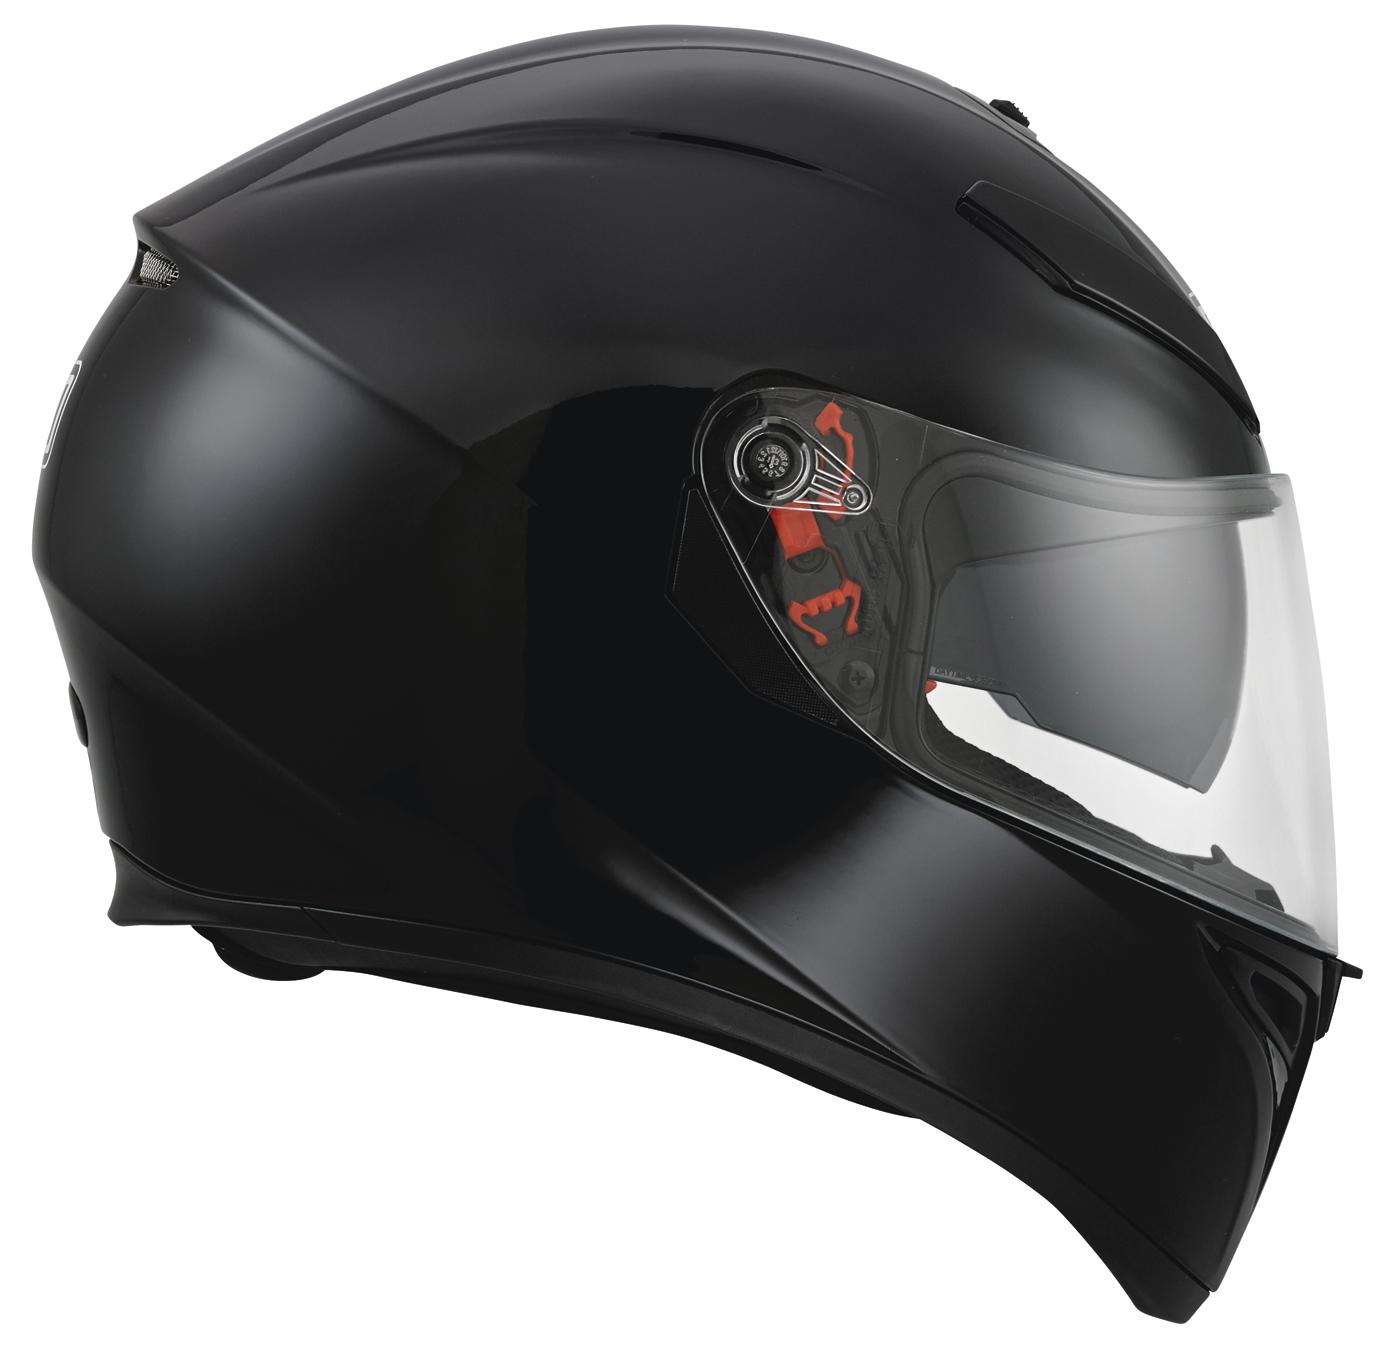 new agv launch 2014 k3 sv helmet visordown. Black Bedroom Furniture Sets. Home Design Ideas